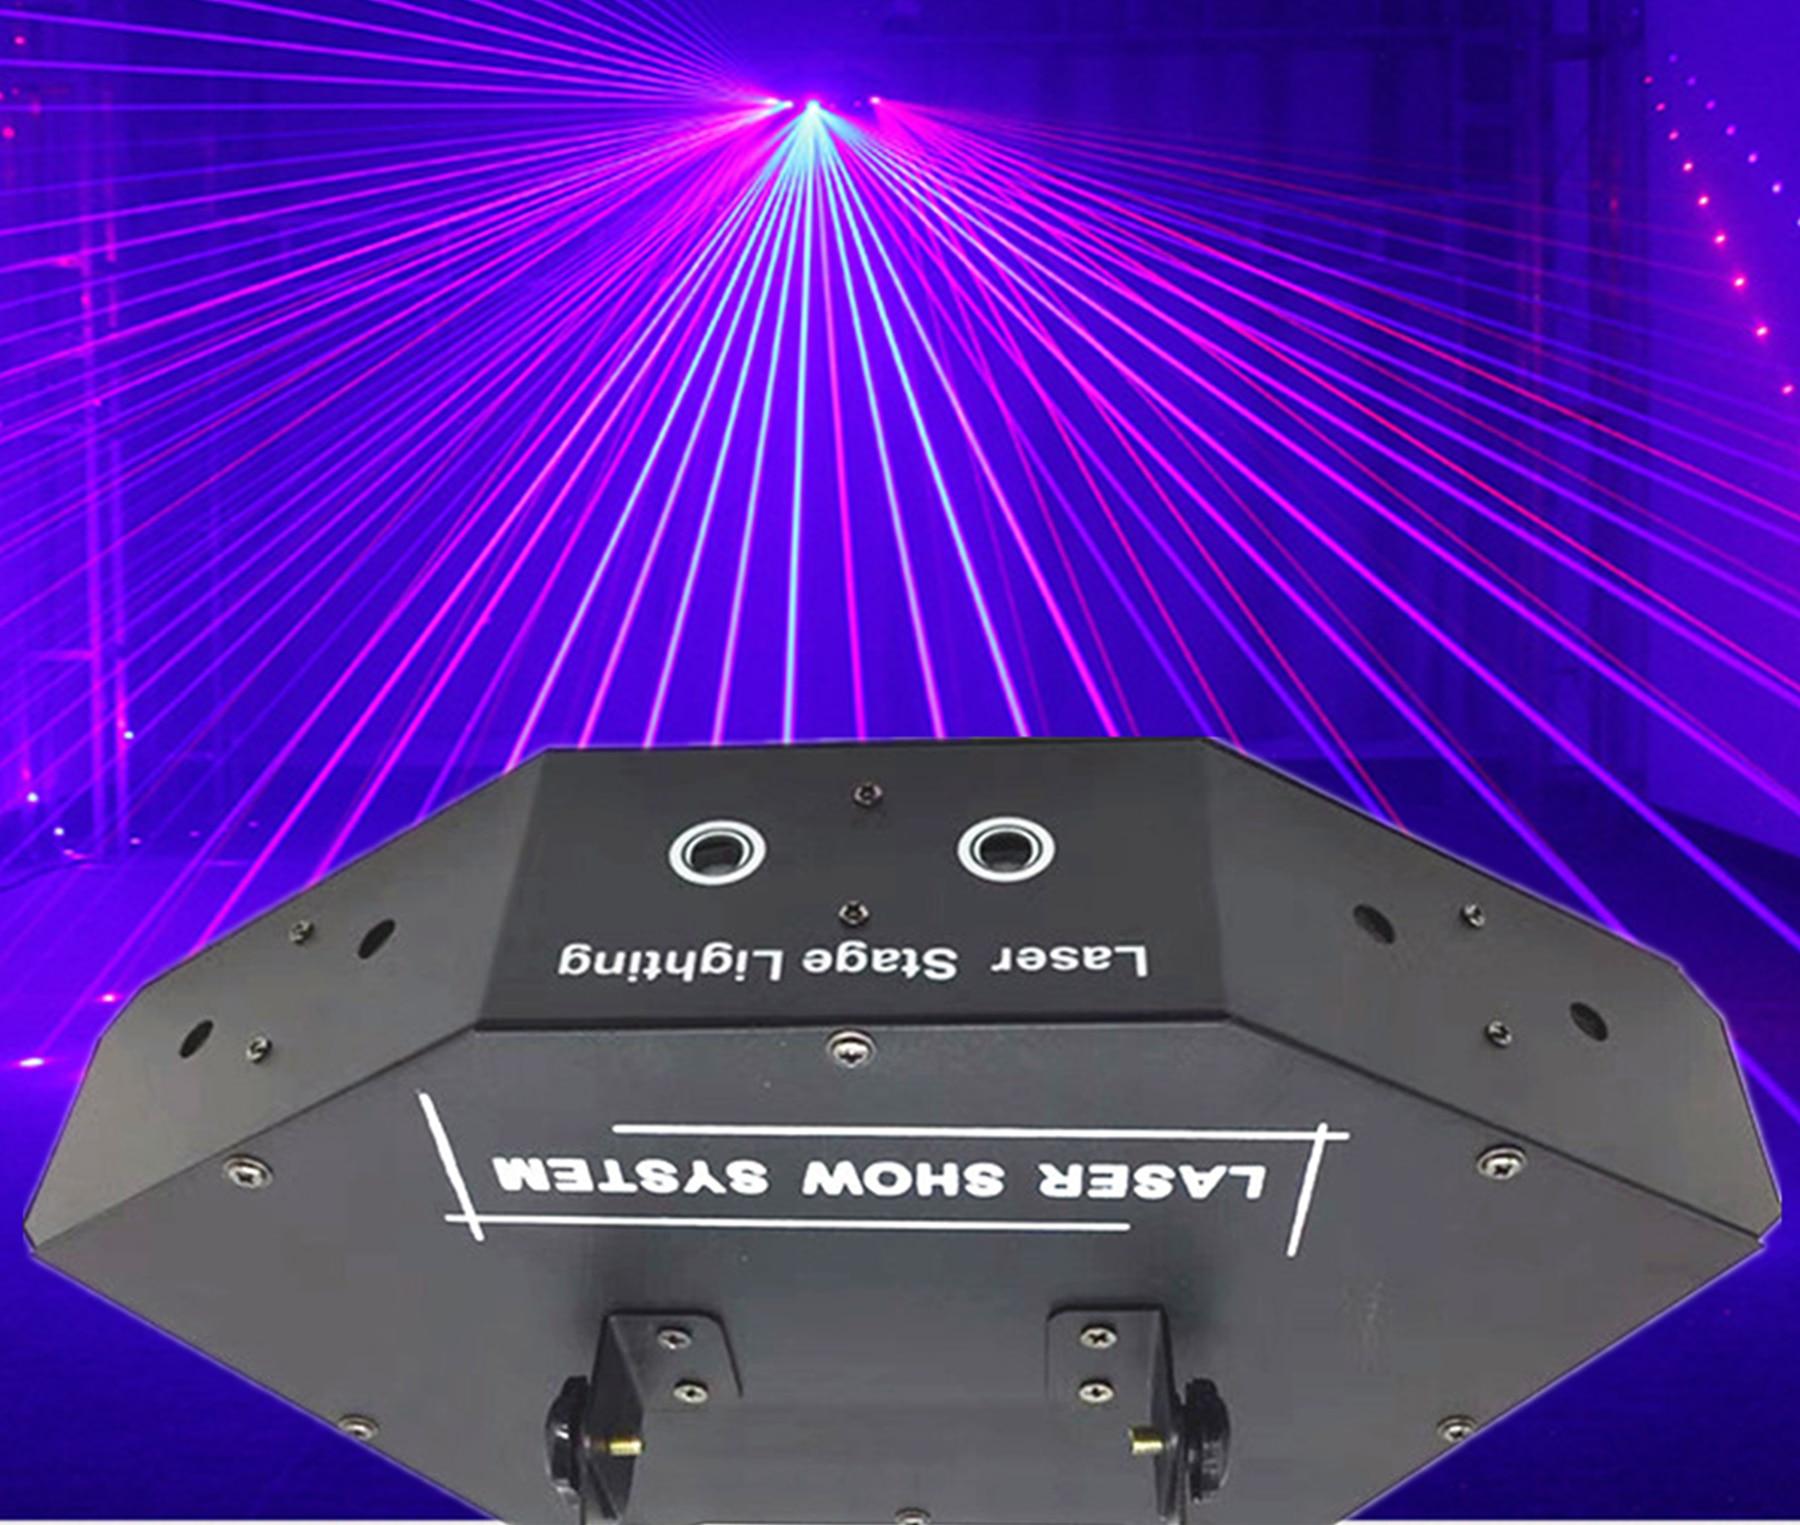 Niugul Scan Stage Laser Light RGB Full Color Six- Eye Beam Laser Club DJ Disco Laser Lights Projector DMX512 Scan Laser Lighting